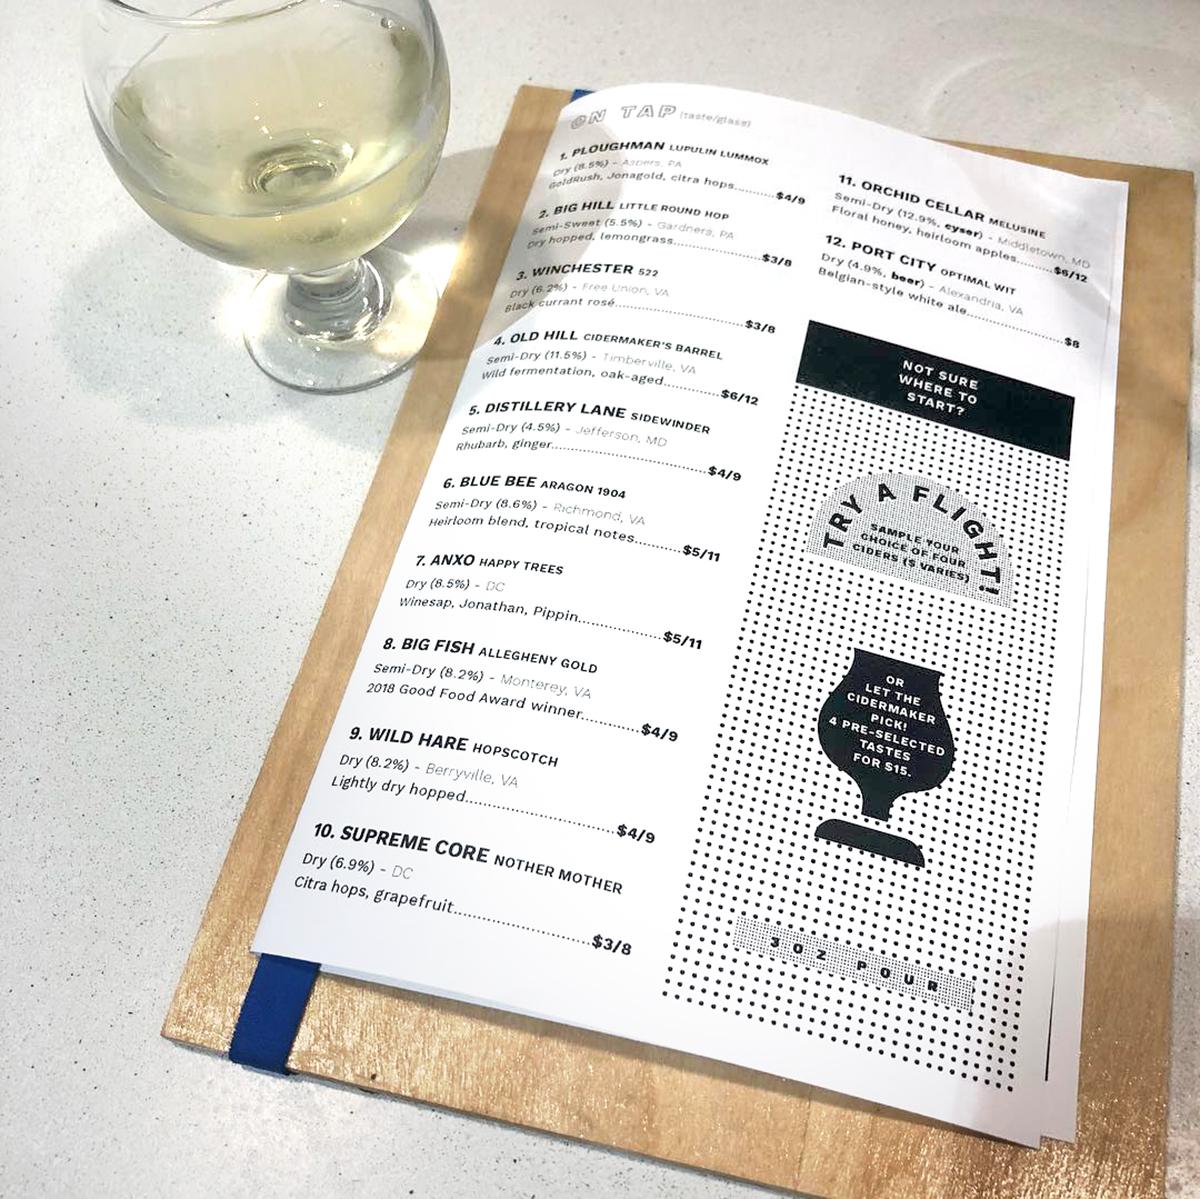 menu close up